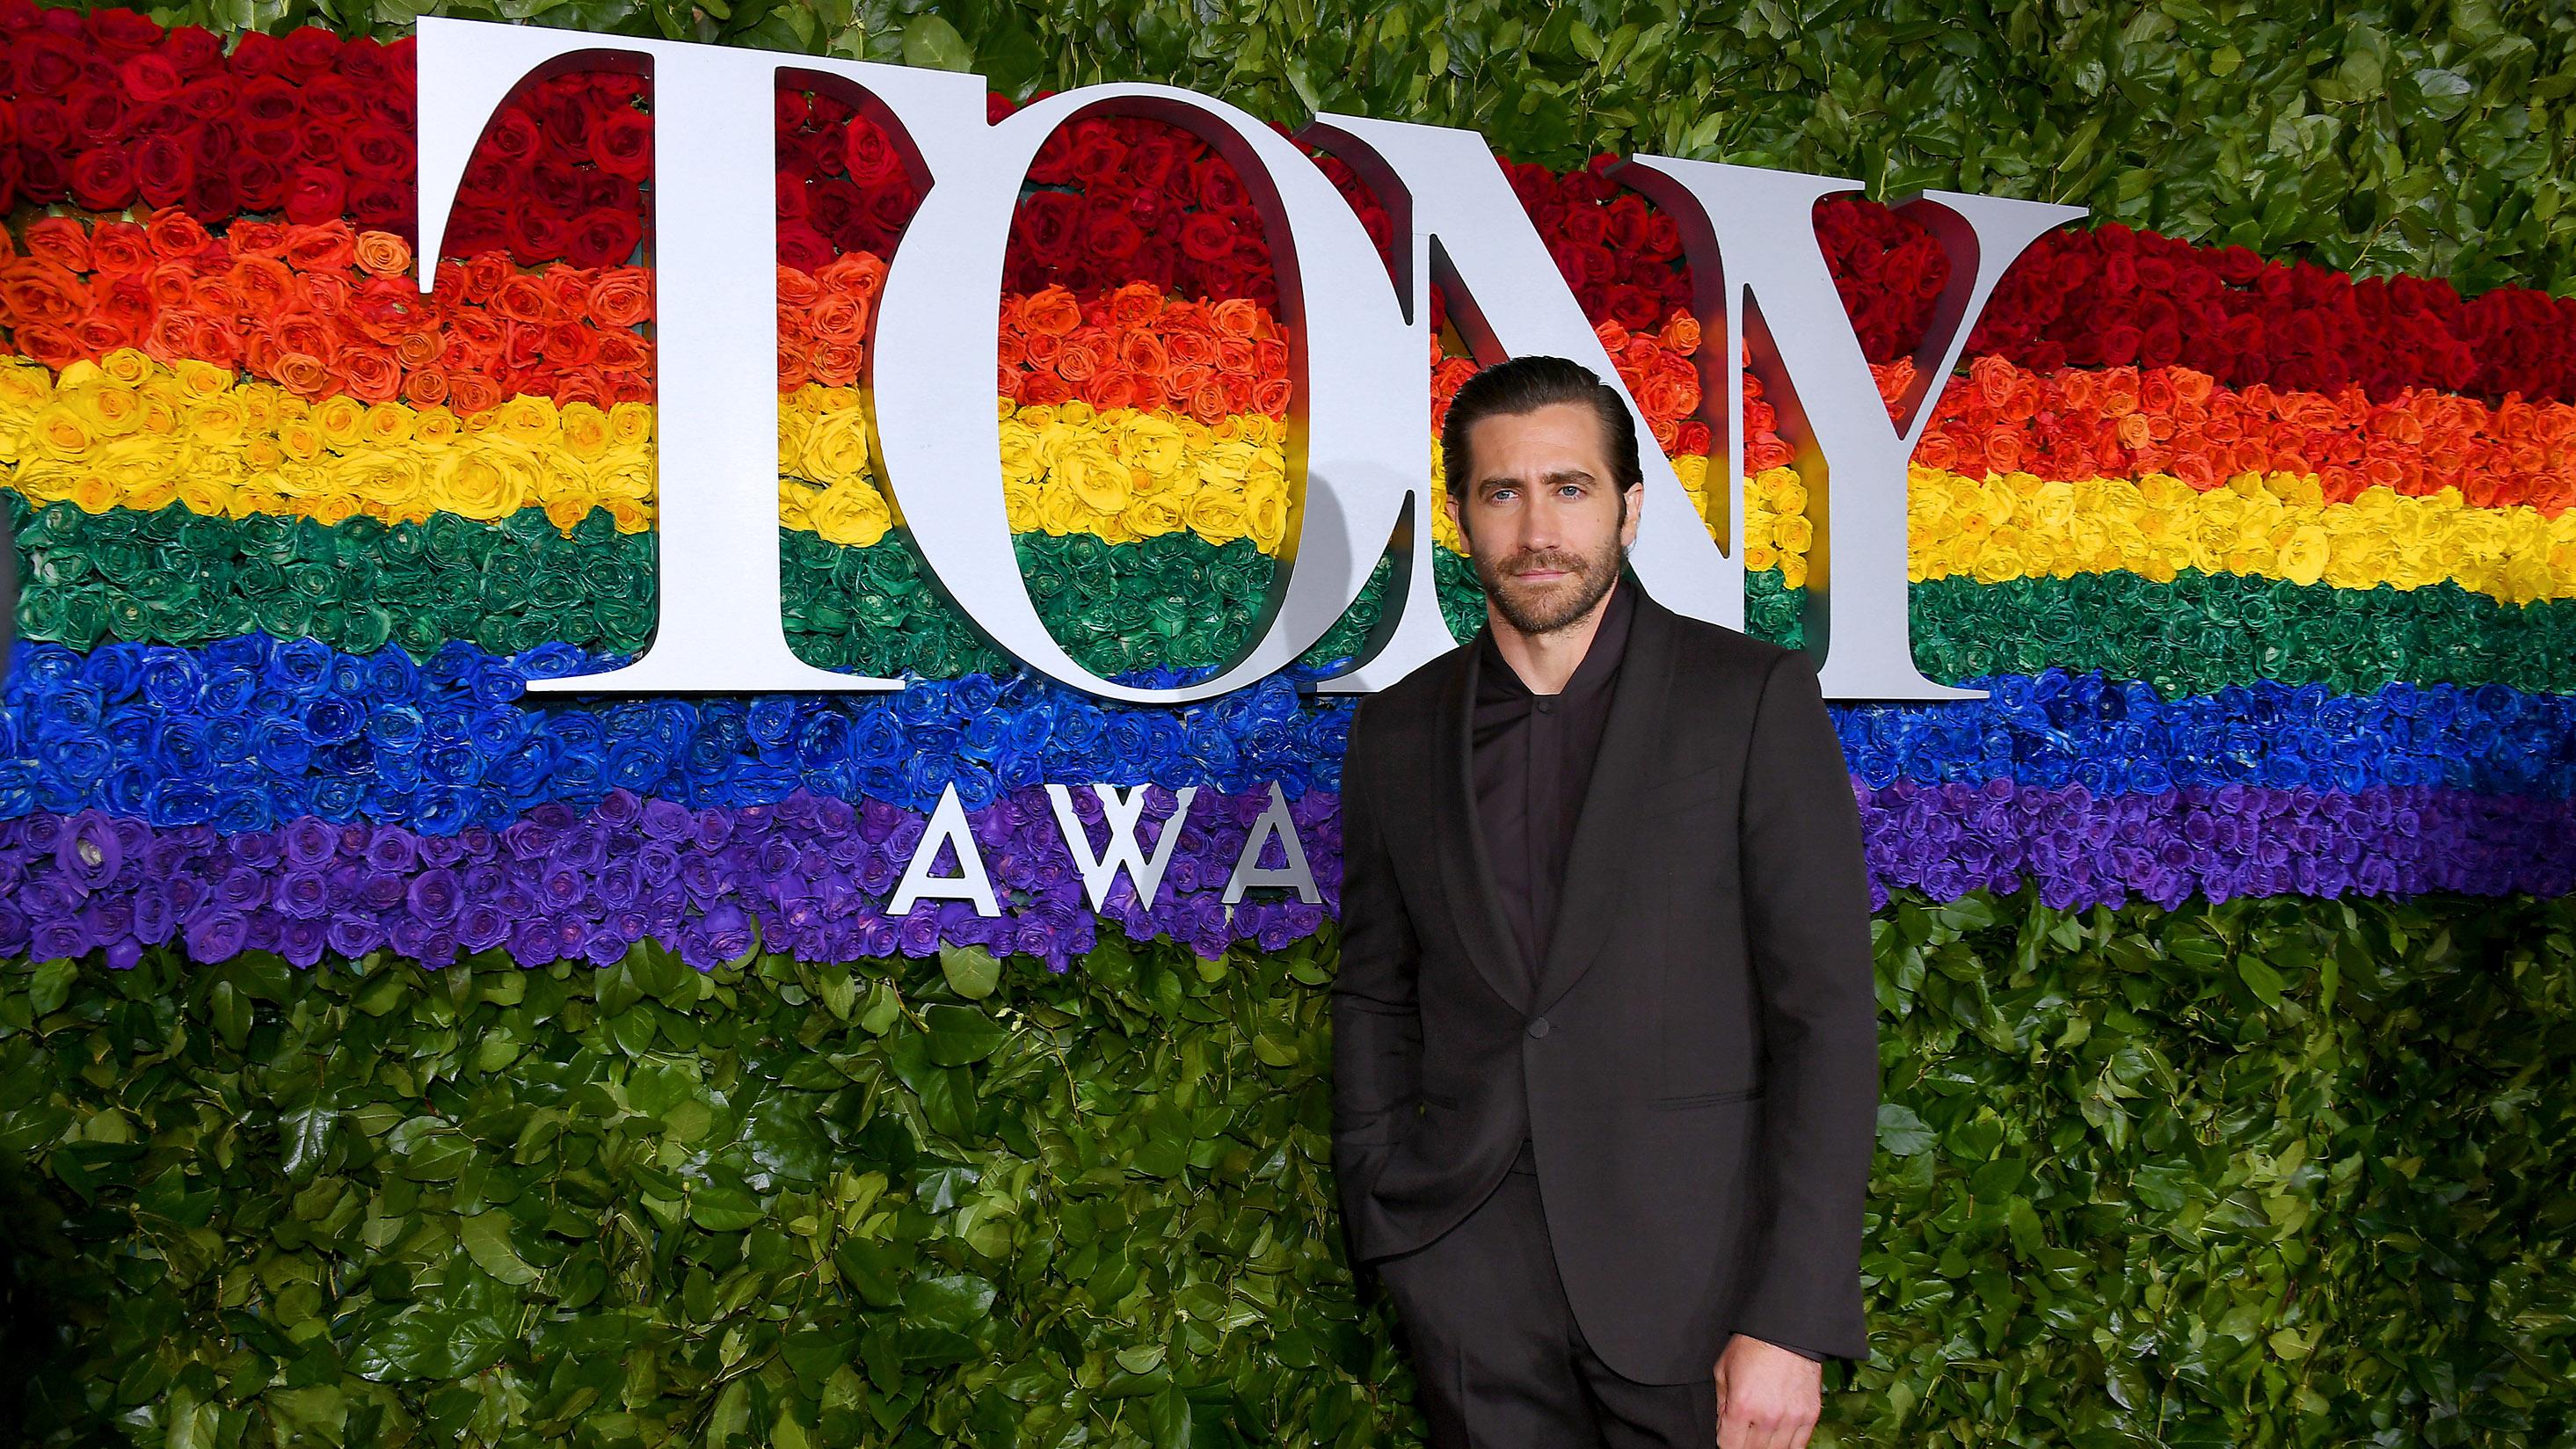 Jake Gyllenhaal posa en la alfombra roja que contó con una arreglo floral con los colores de la comunidadLGBT